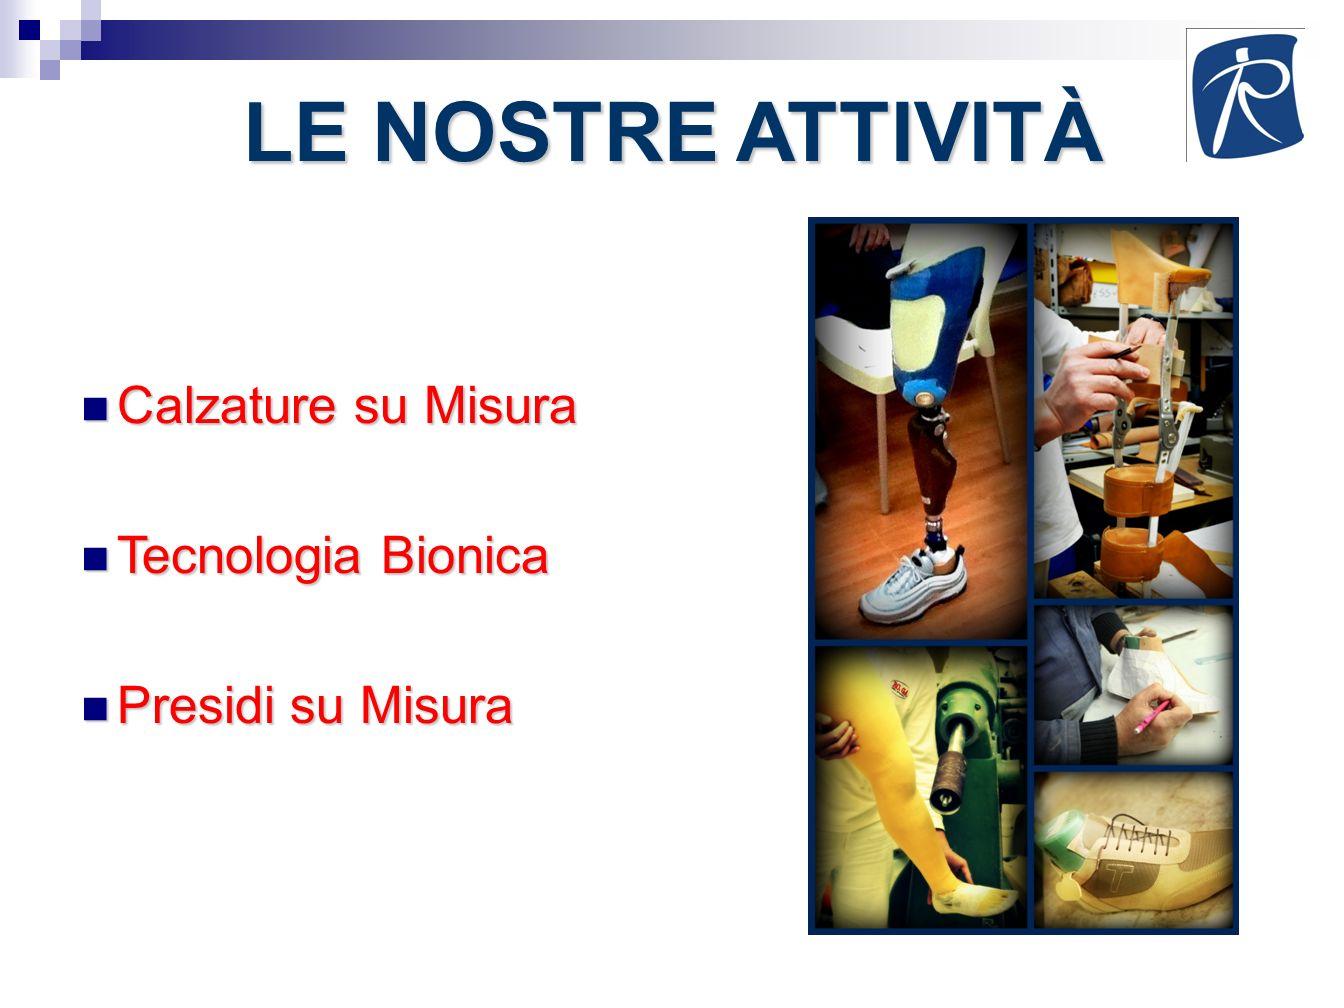 TECNOLOGIA BIONICA La Tecnologia Bionica è una piattaforma tecnologica messa in atto per creare dispositivi intelligenti in grado di comportarsi come gli arti umani.